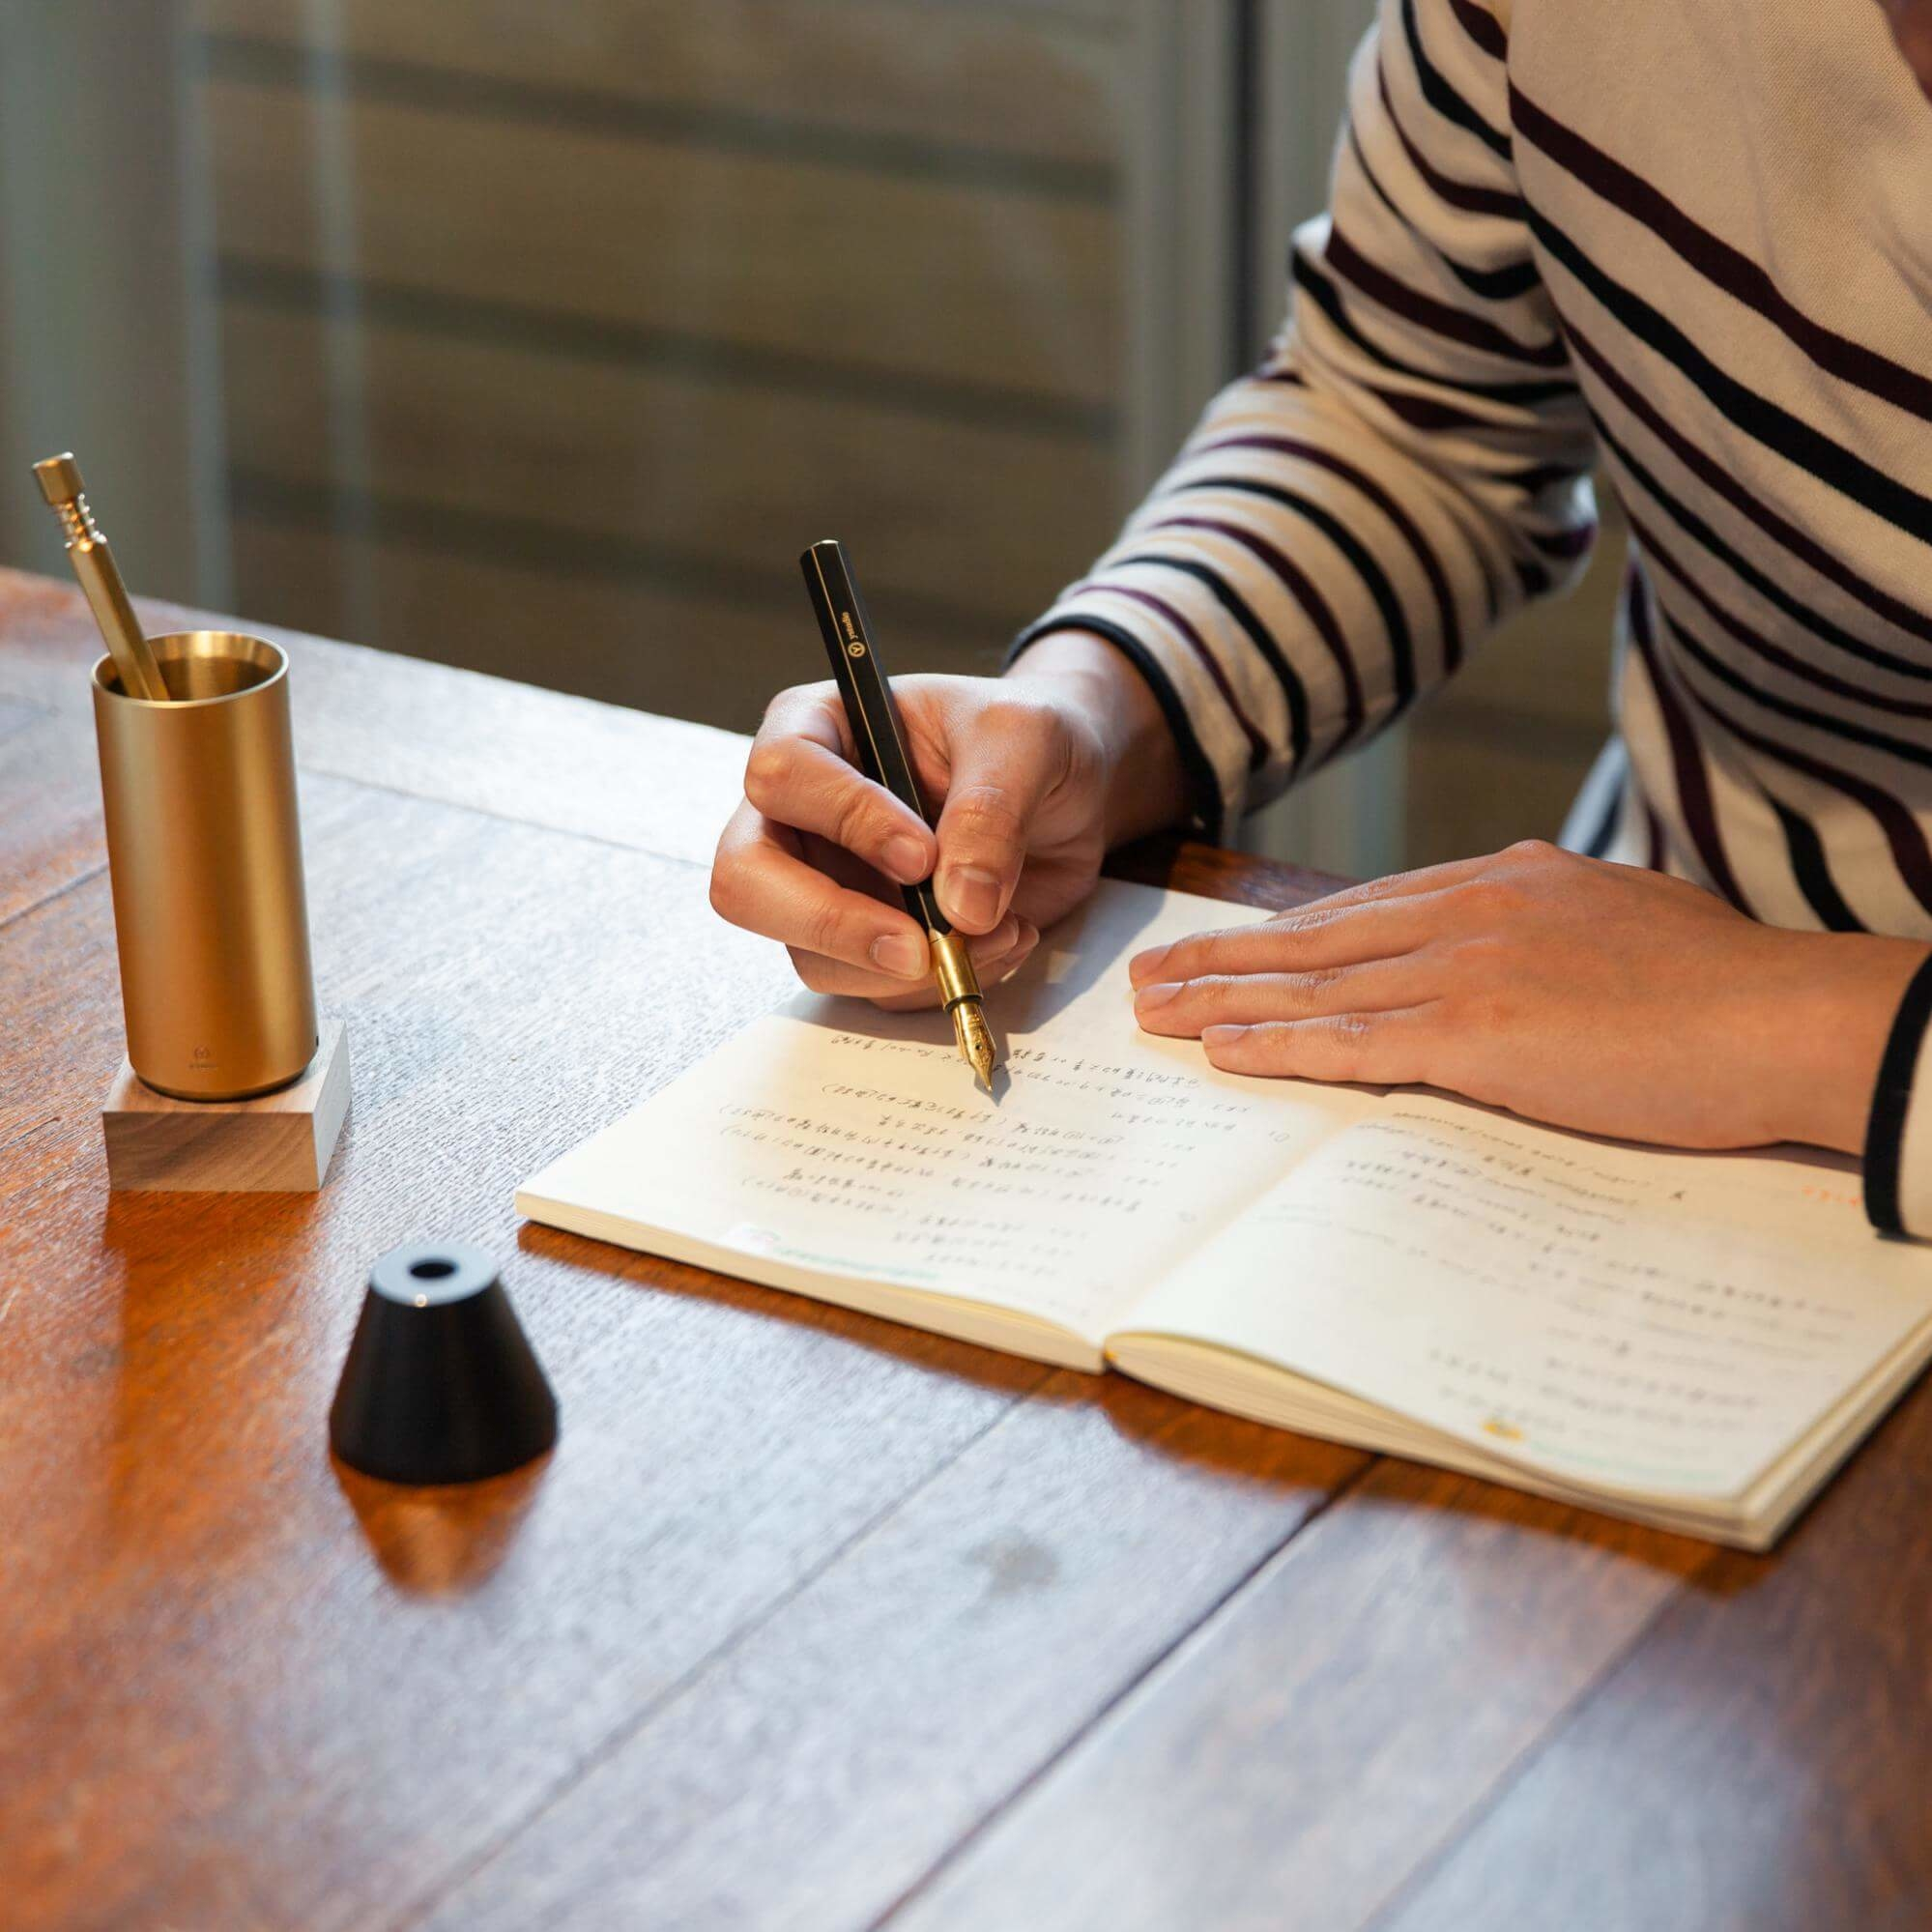 手寫字教學